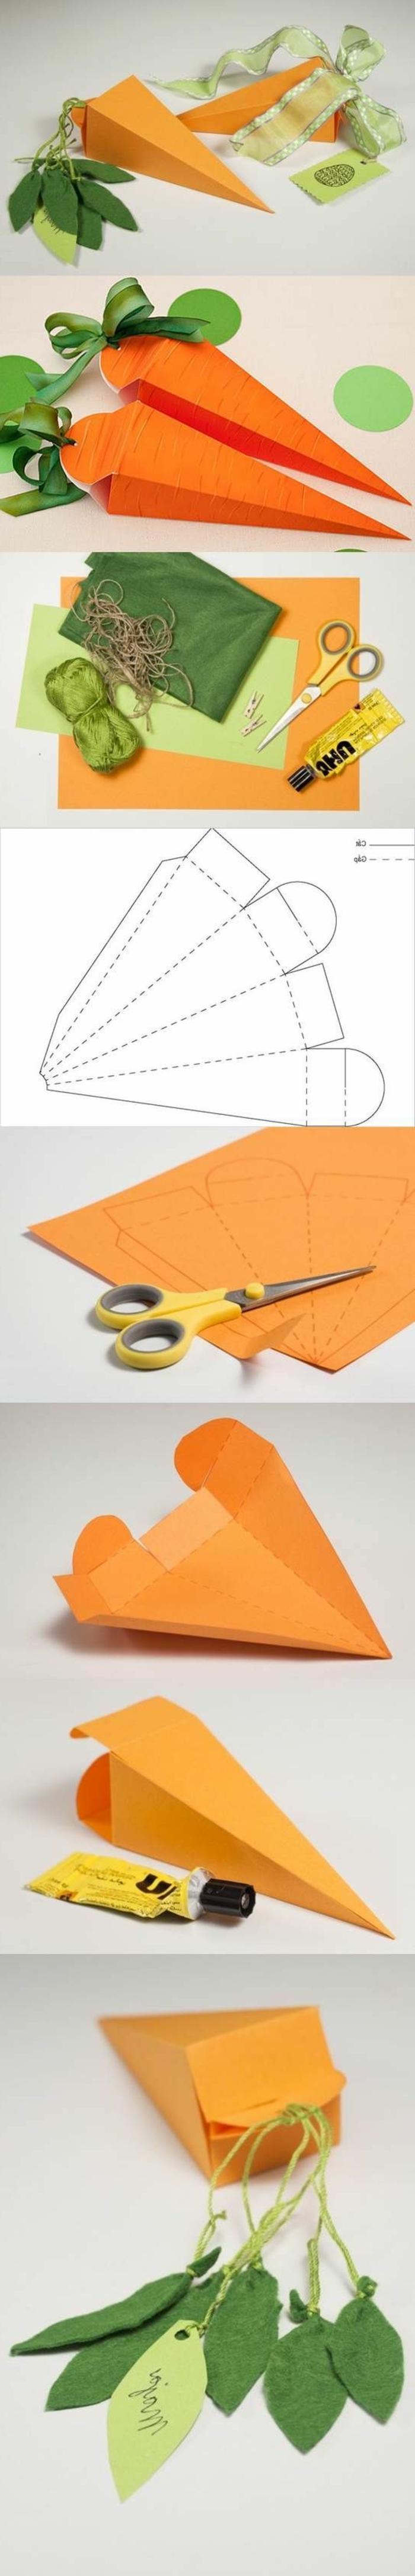 karotten aus orangen papier mit grünen blättern, schere